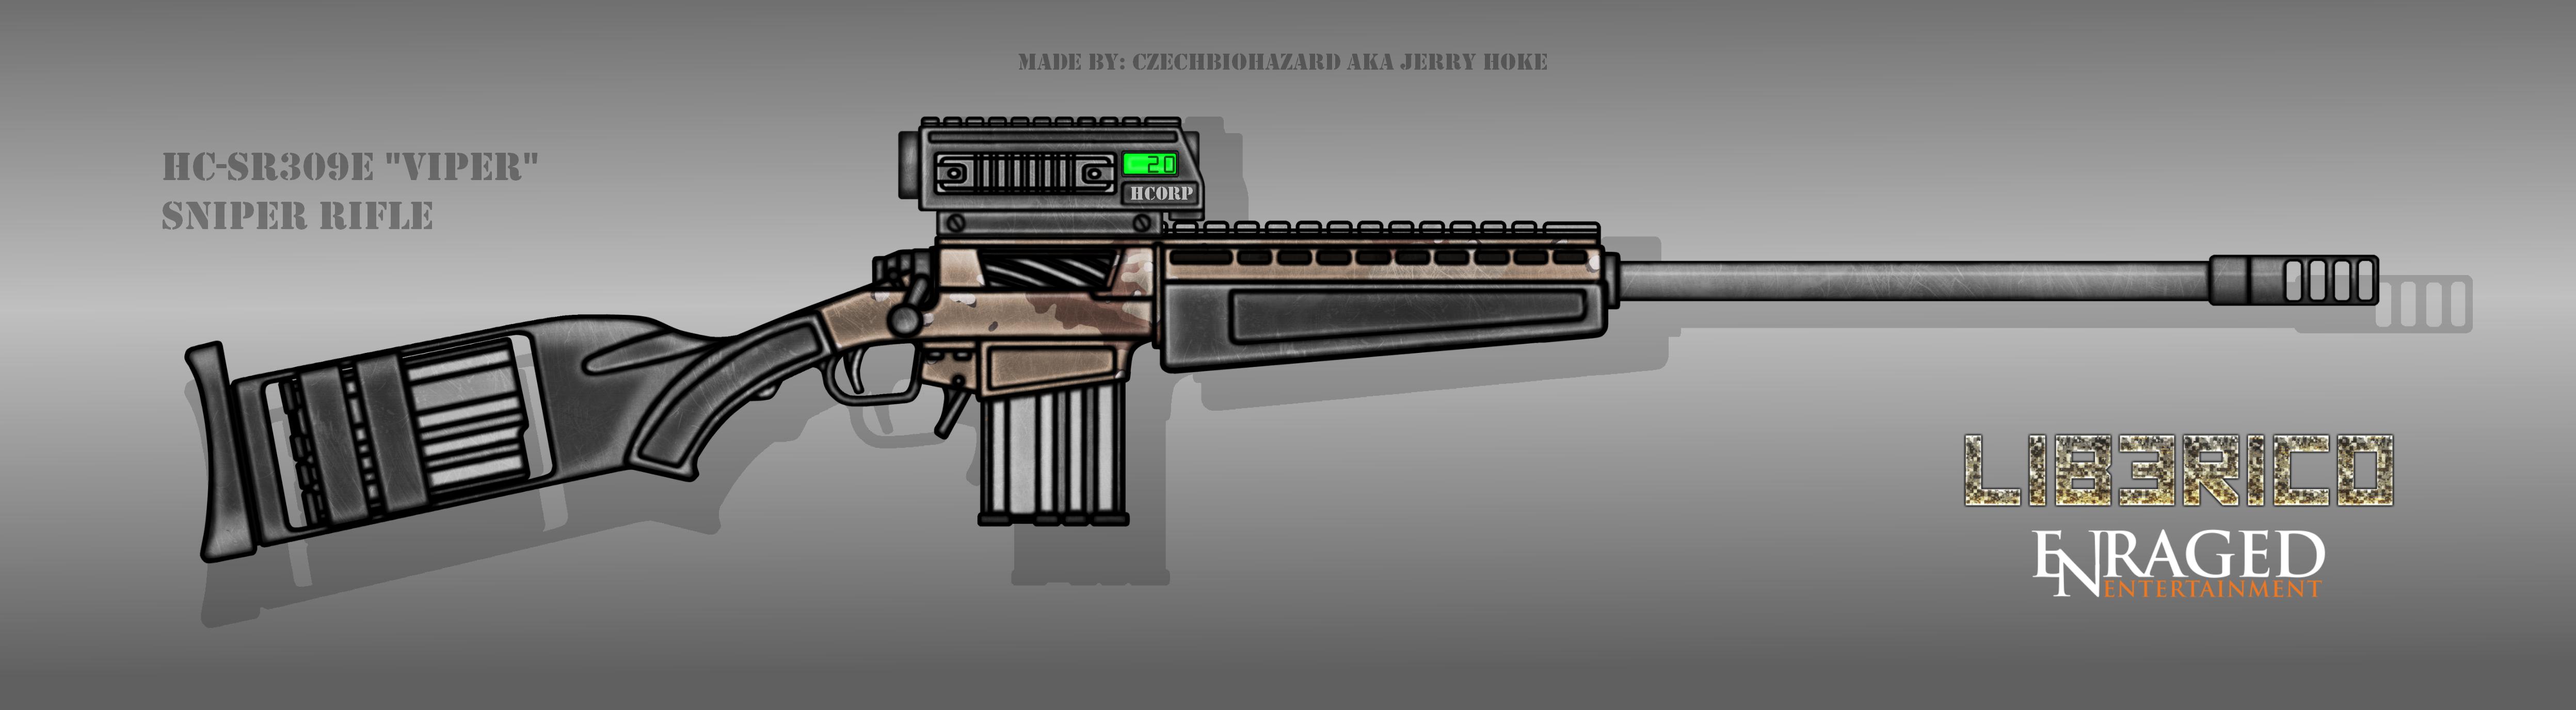 Fictional Firearm: HC-SR309E [Viper] Sniper Rifle by CzechBiohazard